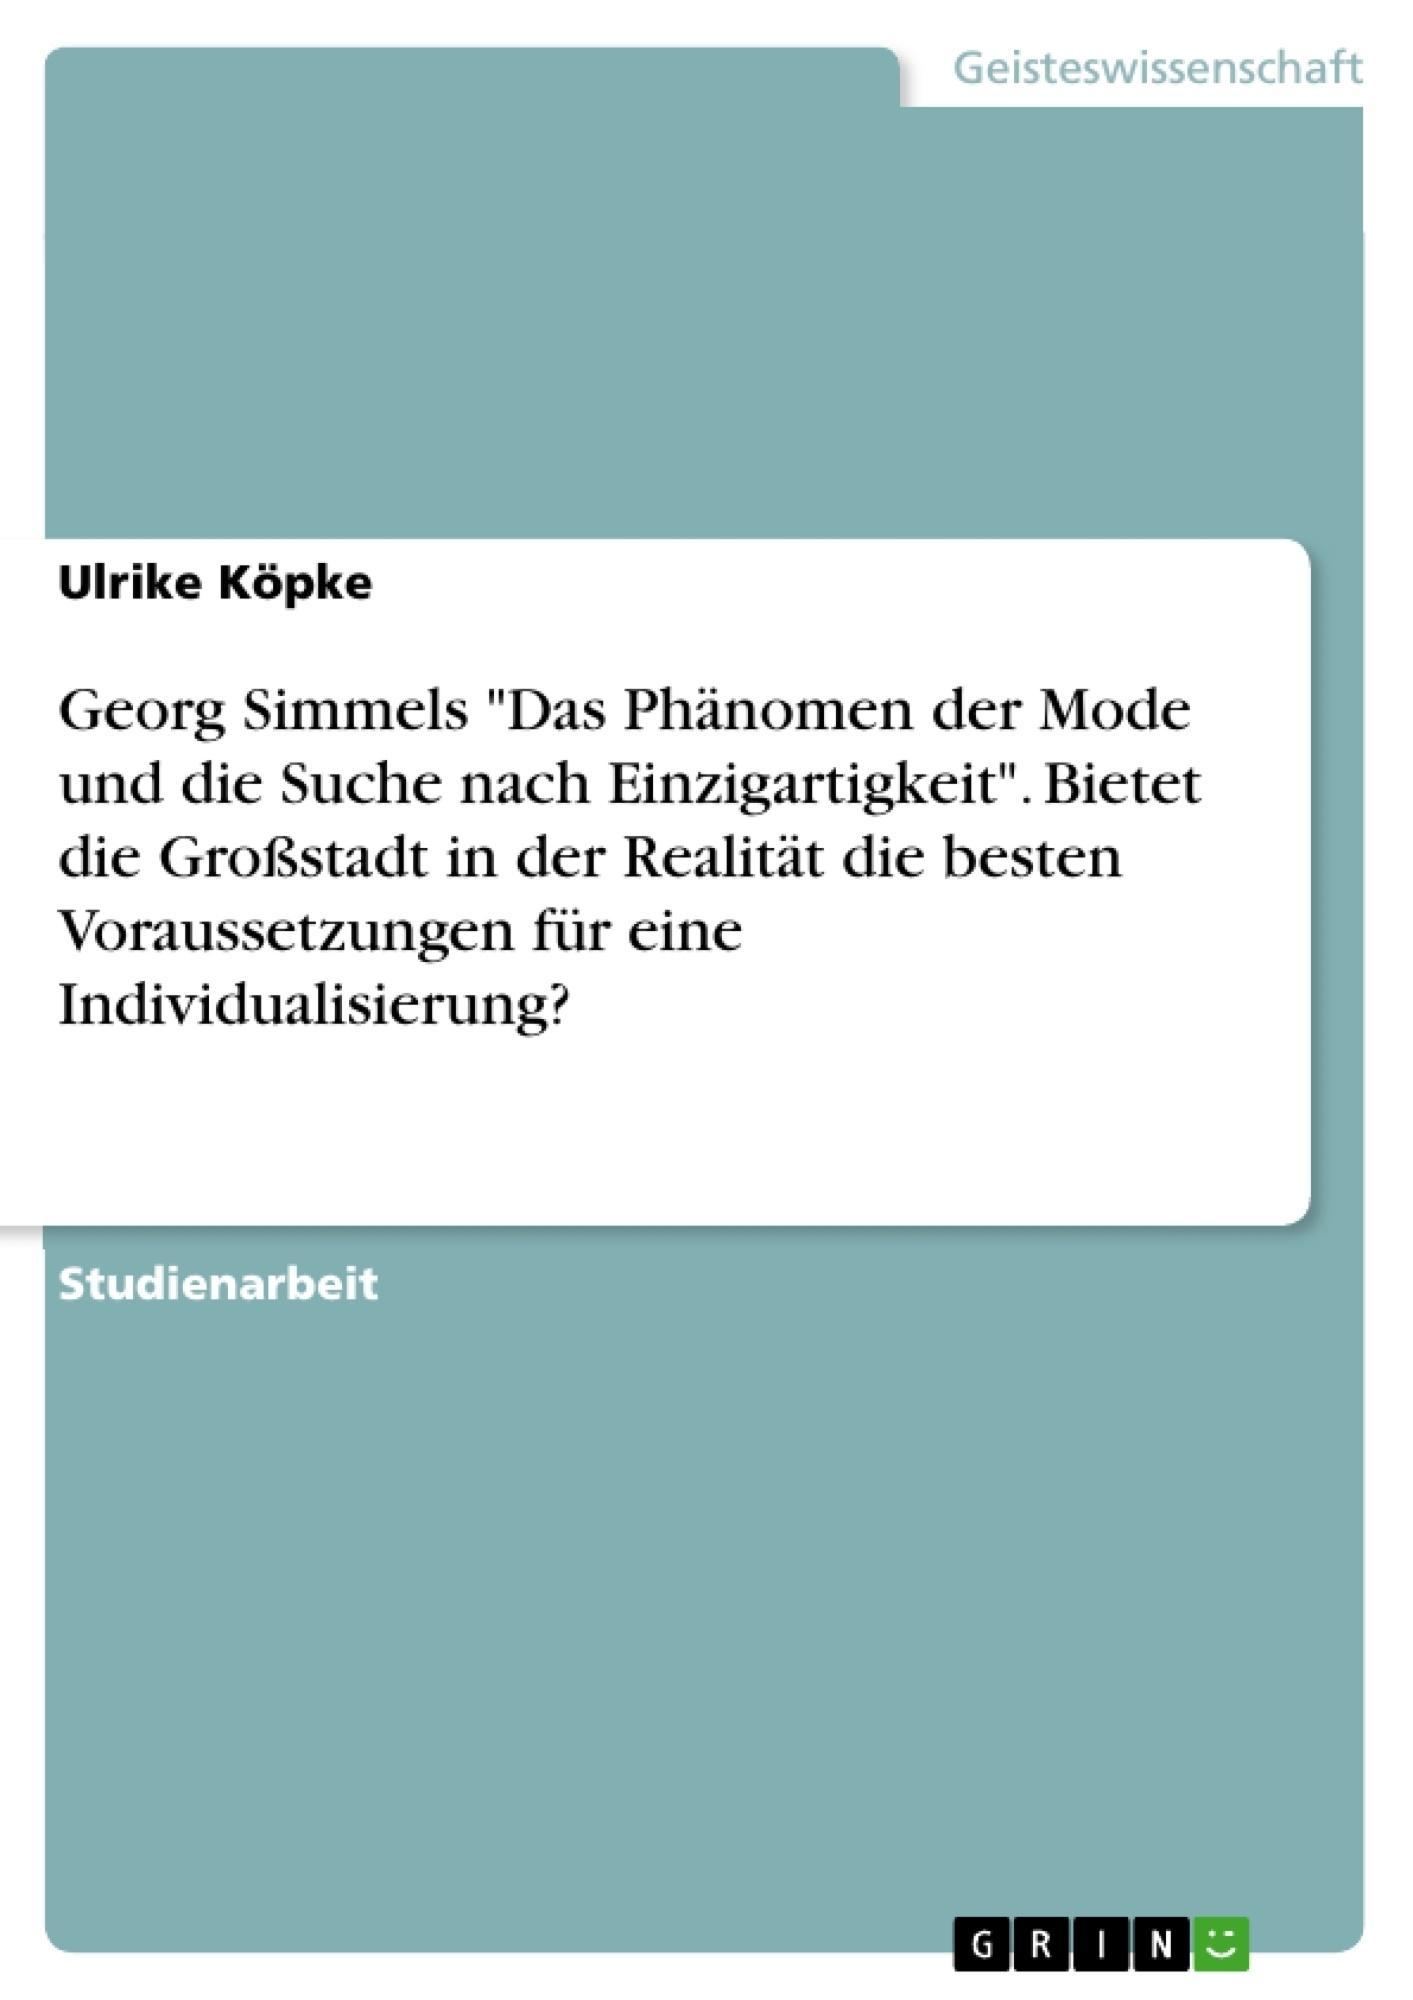 """Titel: Georg Simmels """"Das Phänomen der Mode und die Suche nach Einzigartigkeit"""". Bietet die Großstadt in der Realität die besten Voraussetzungen für eine Individualisierung?"""